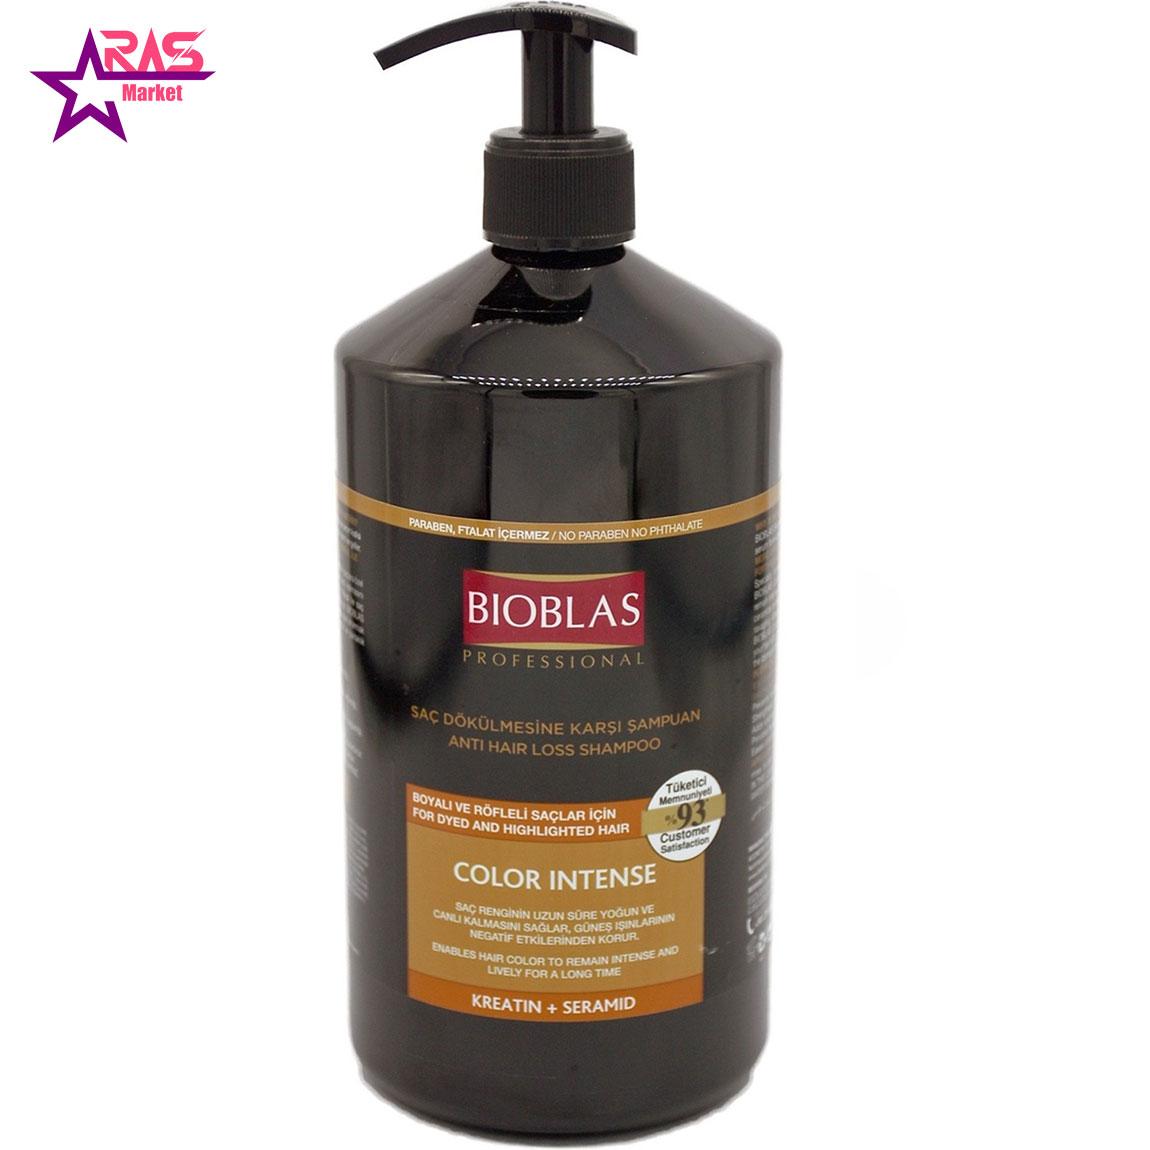 شامپو بیوبلاس ضد ریزش مو مدل Color Intense مخصوص موهای رنگ شده 1000 میلی لیتر ، فروشگاه اینترنتی ارس مارکت ، استحمام ، bioblas